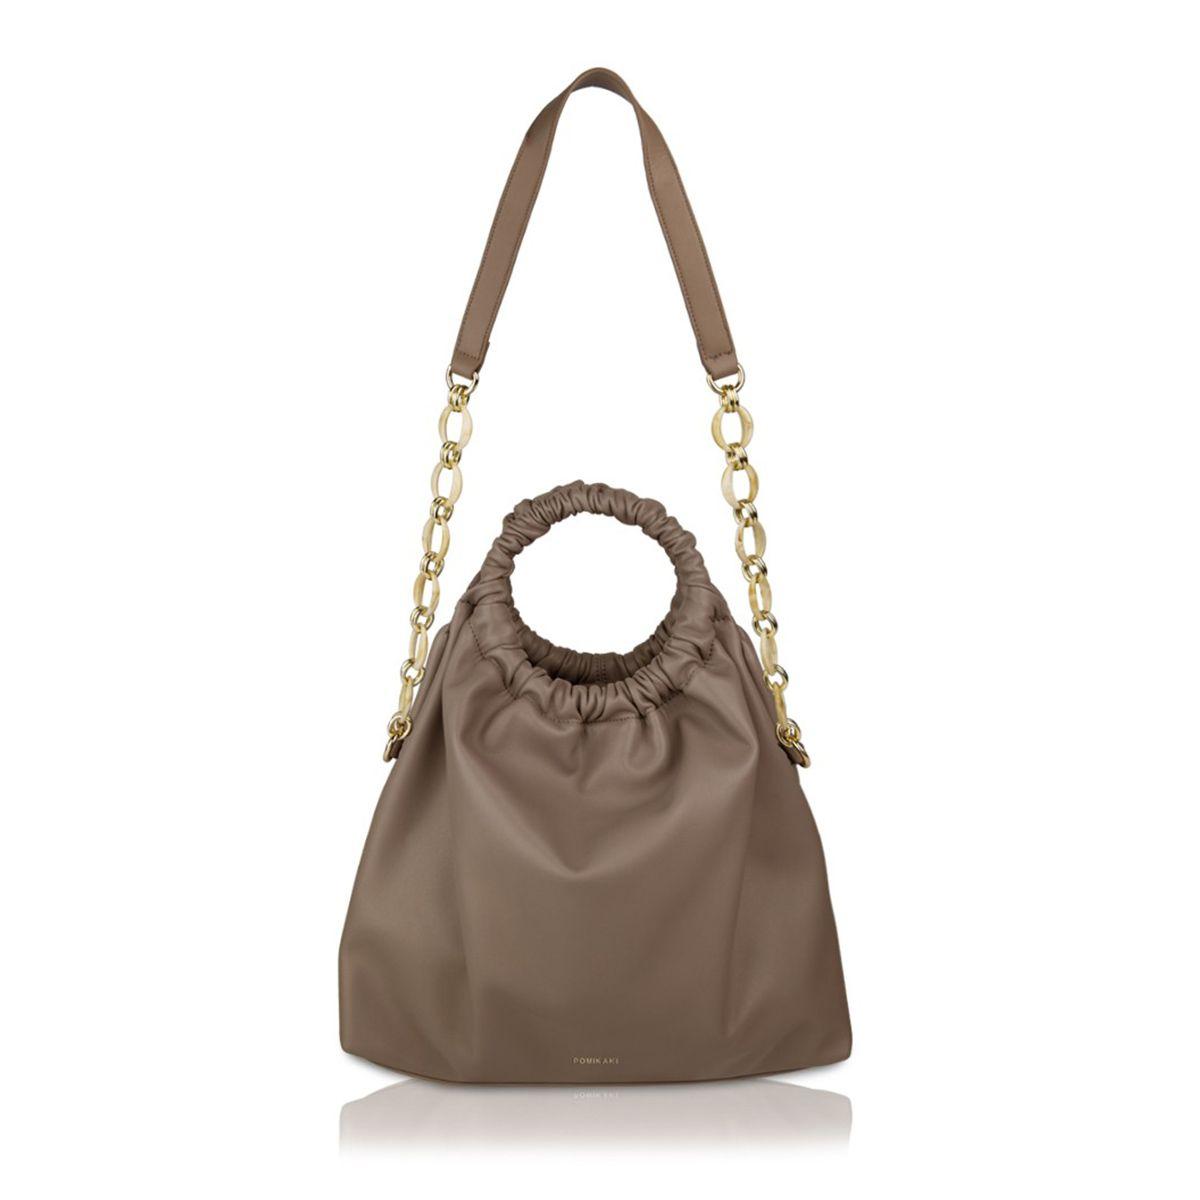 Handbag Annie Pomikaki BEIGE